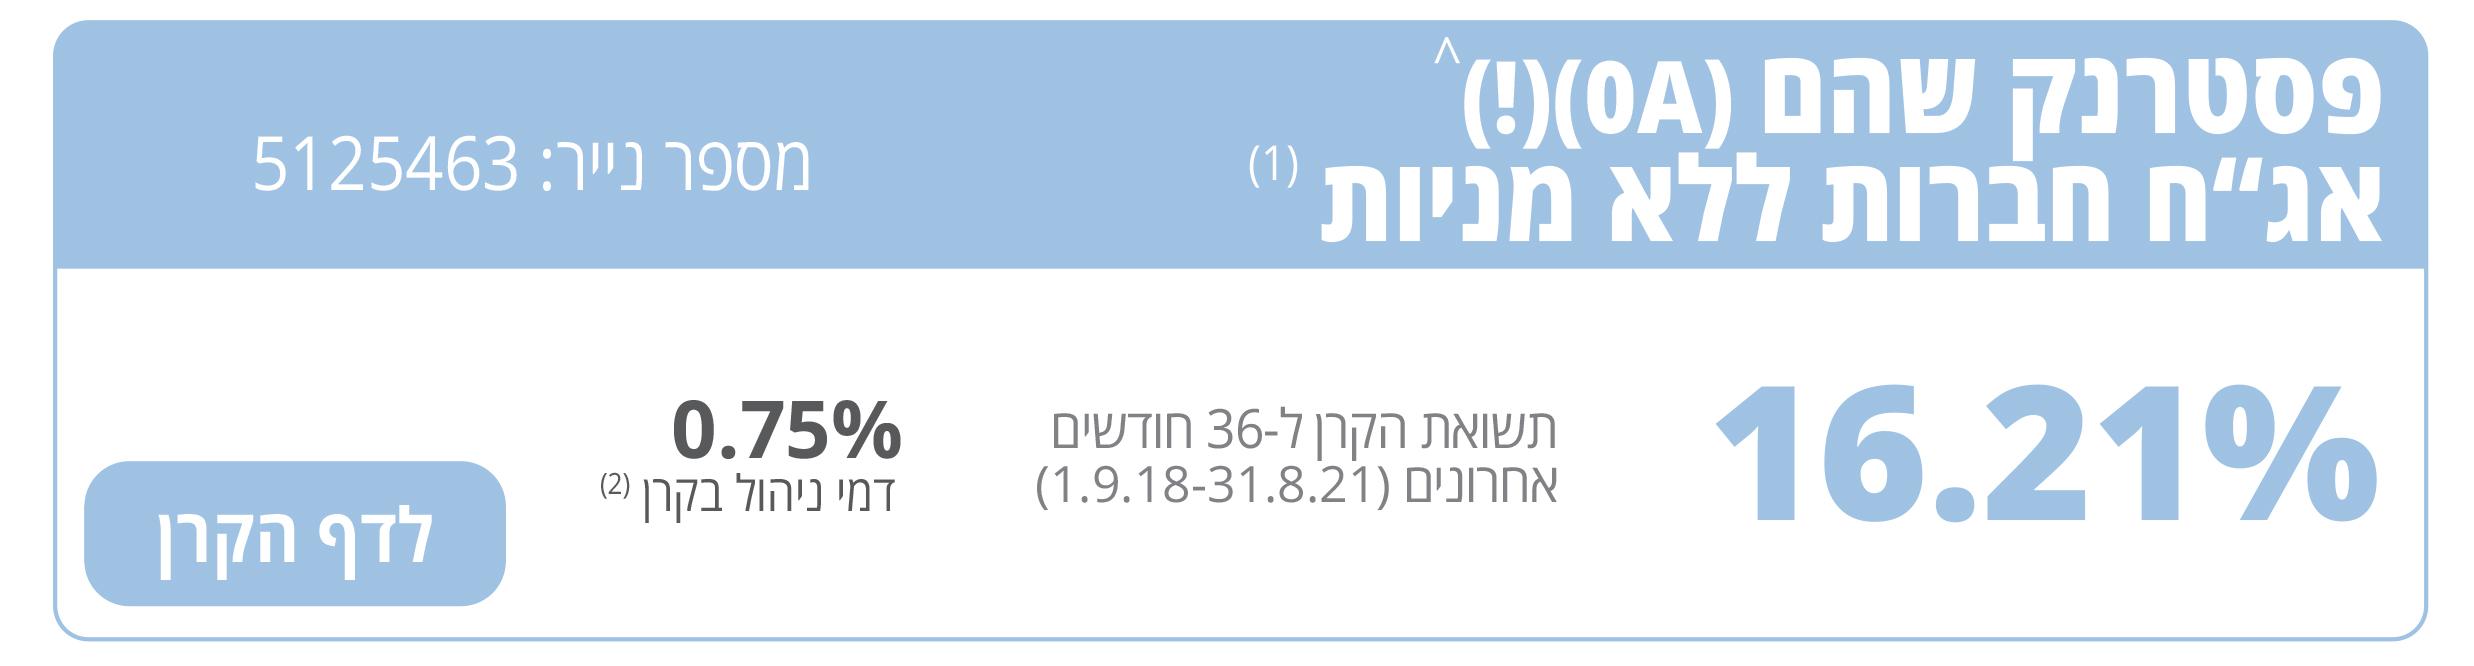 אגח-חברות-0921